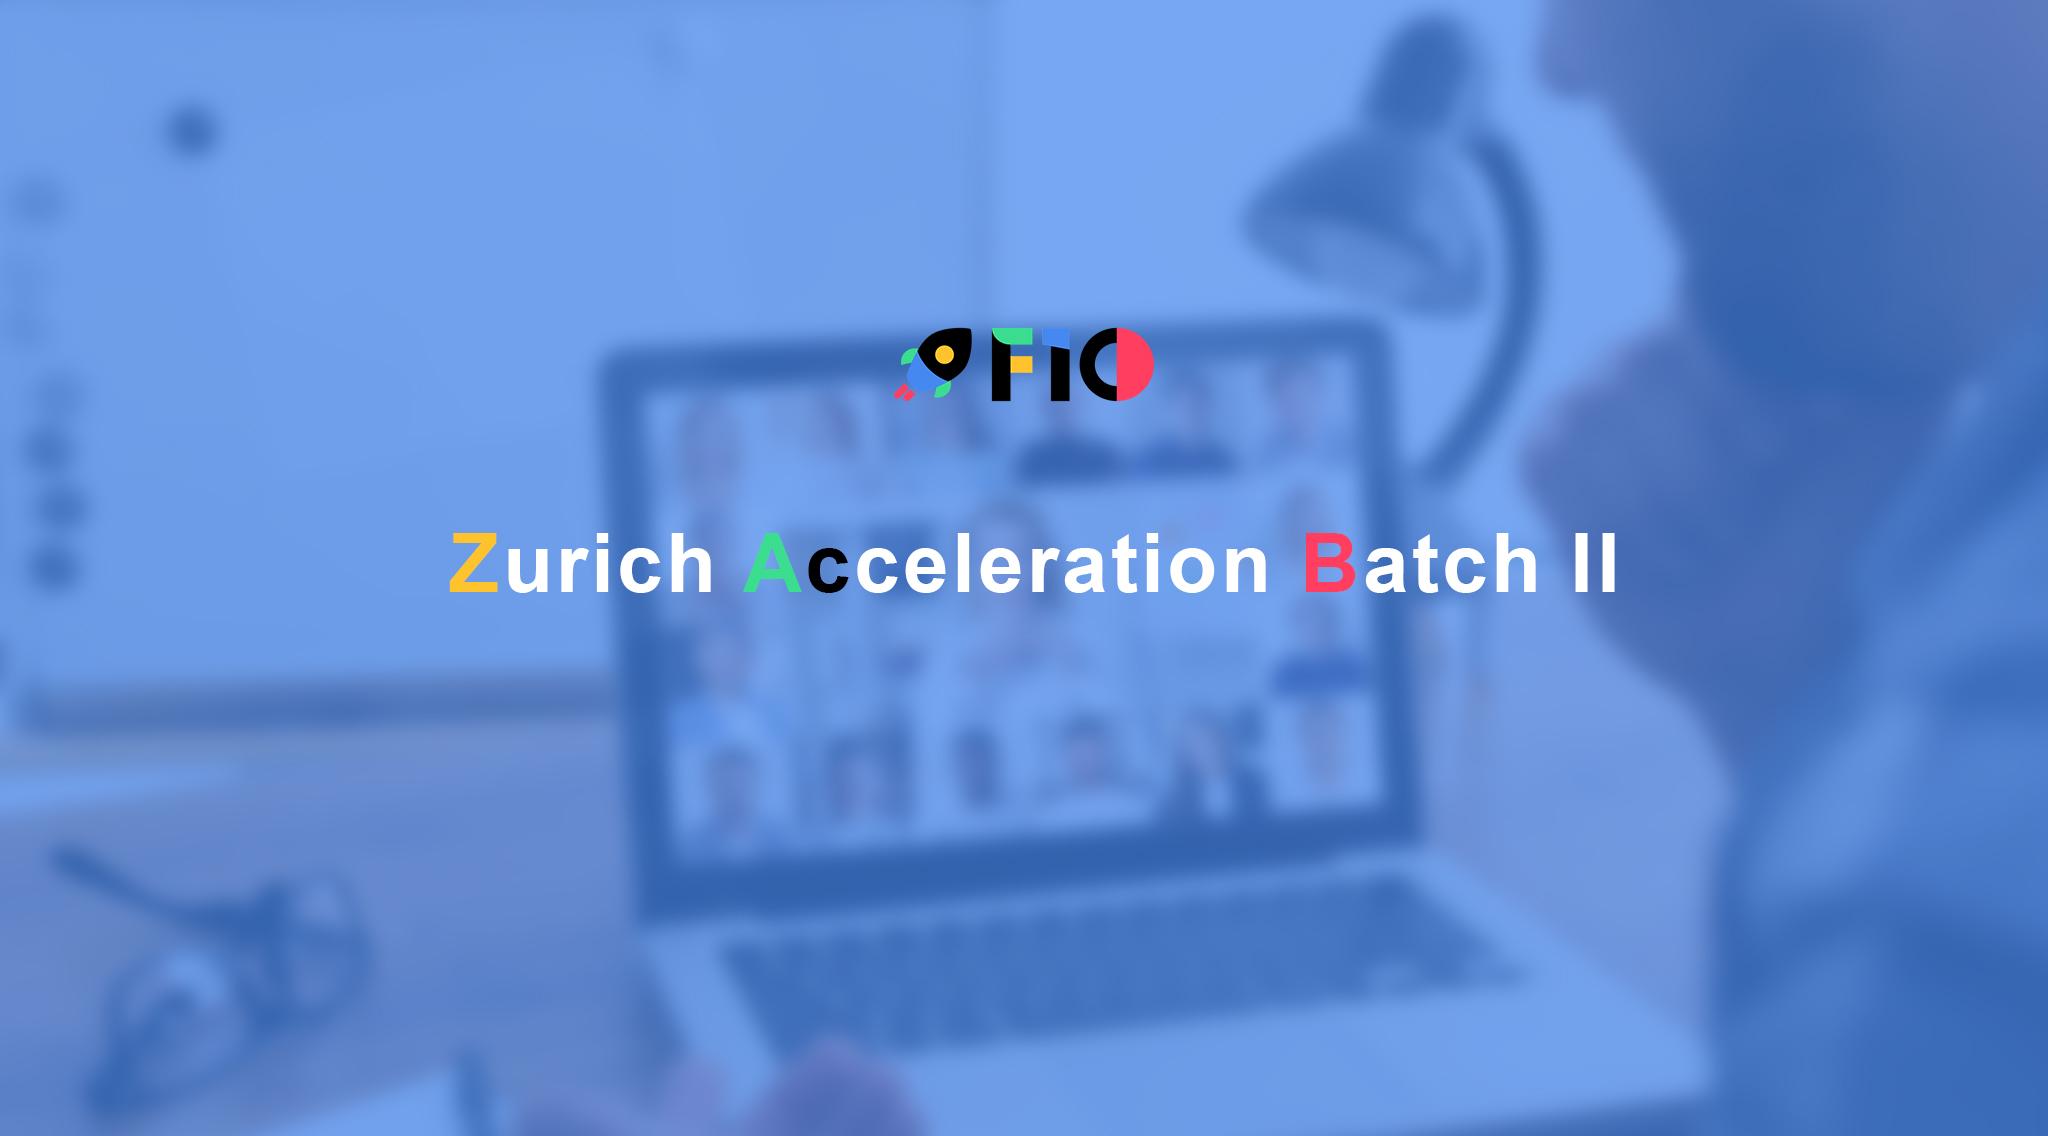 Fintech Schweiz Digital Finance News – FintechNewsCHF10 Seeks Sustainable Finance and SME Services Applications